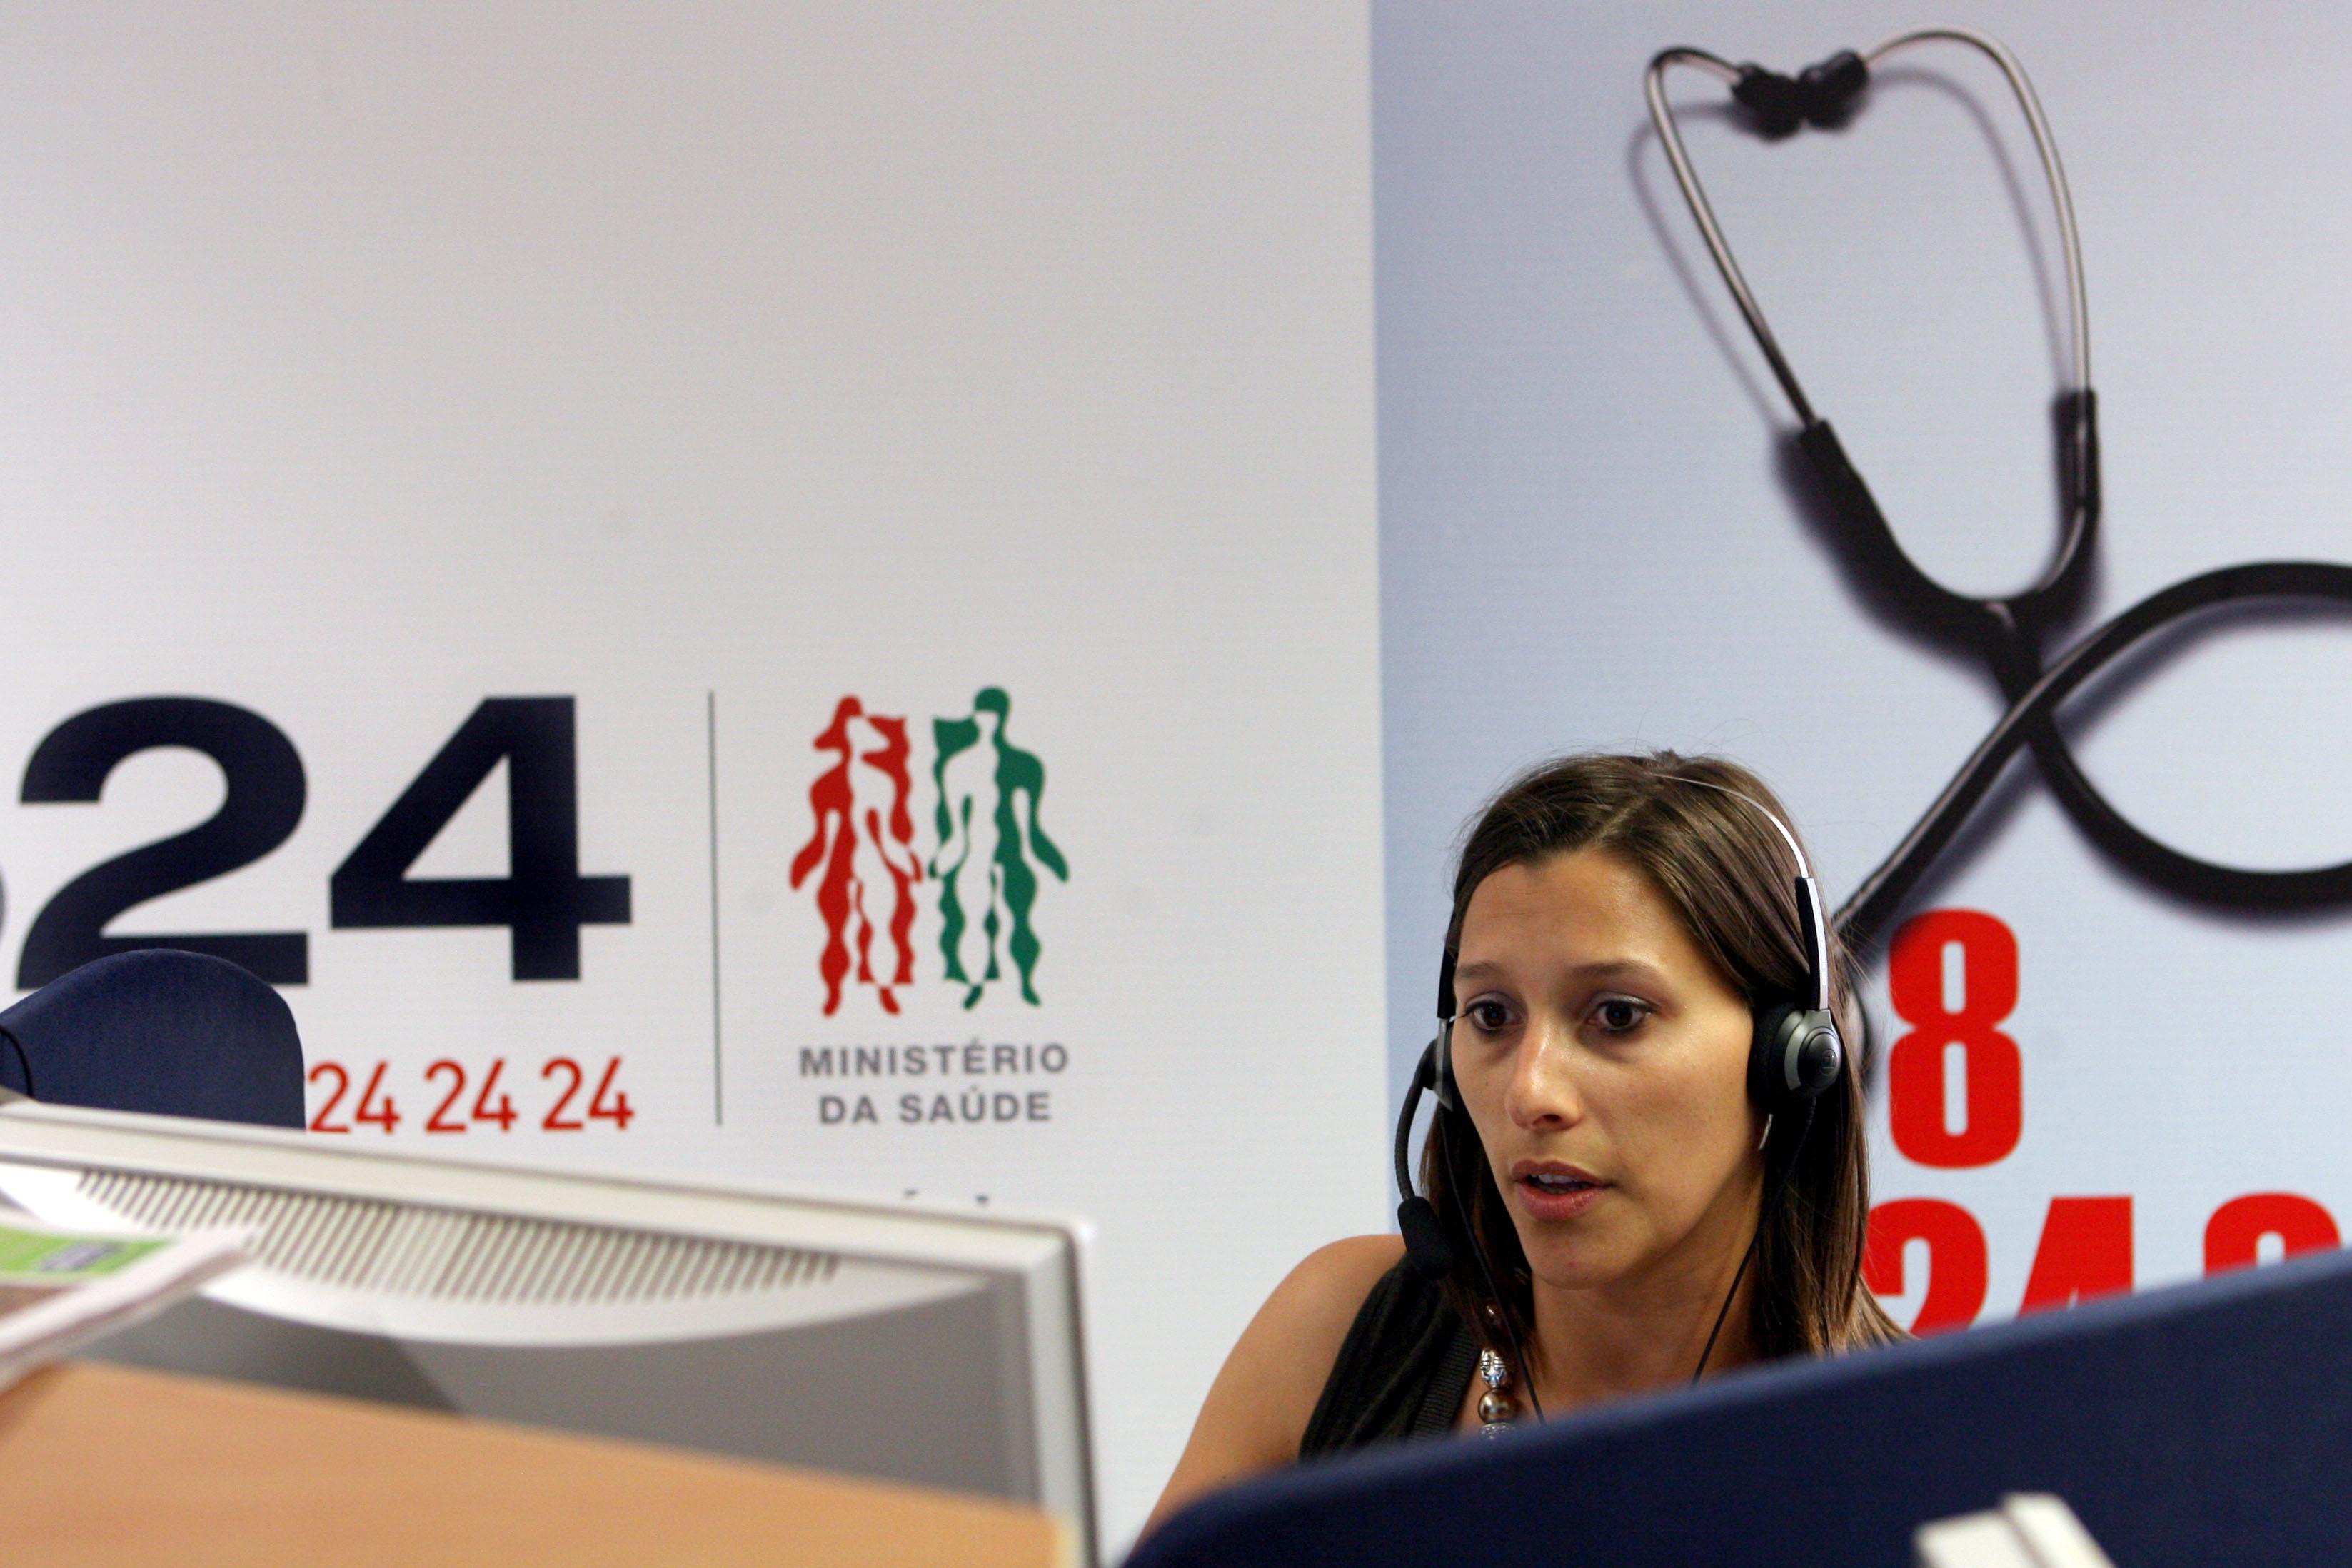 Saúde 24 criou novo algoritmo para apoiar vítimas de situações de crise